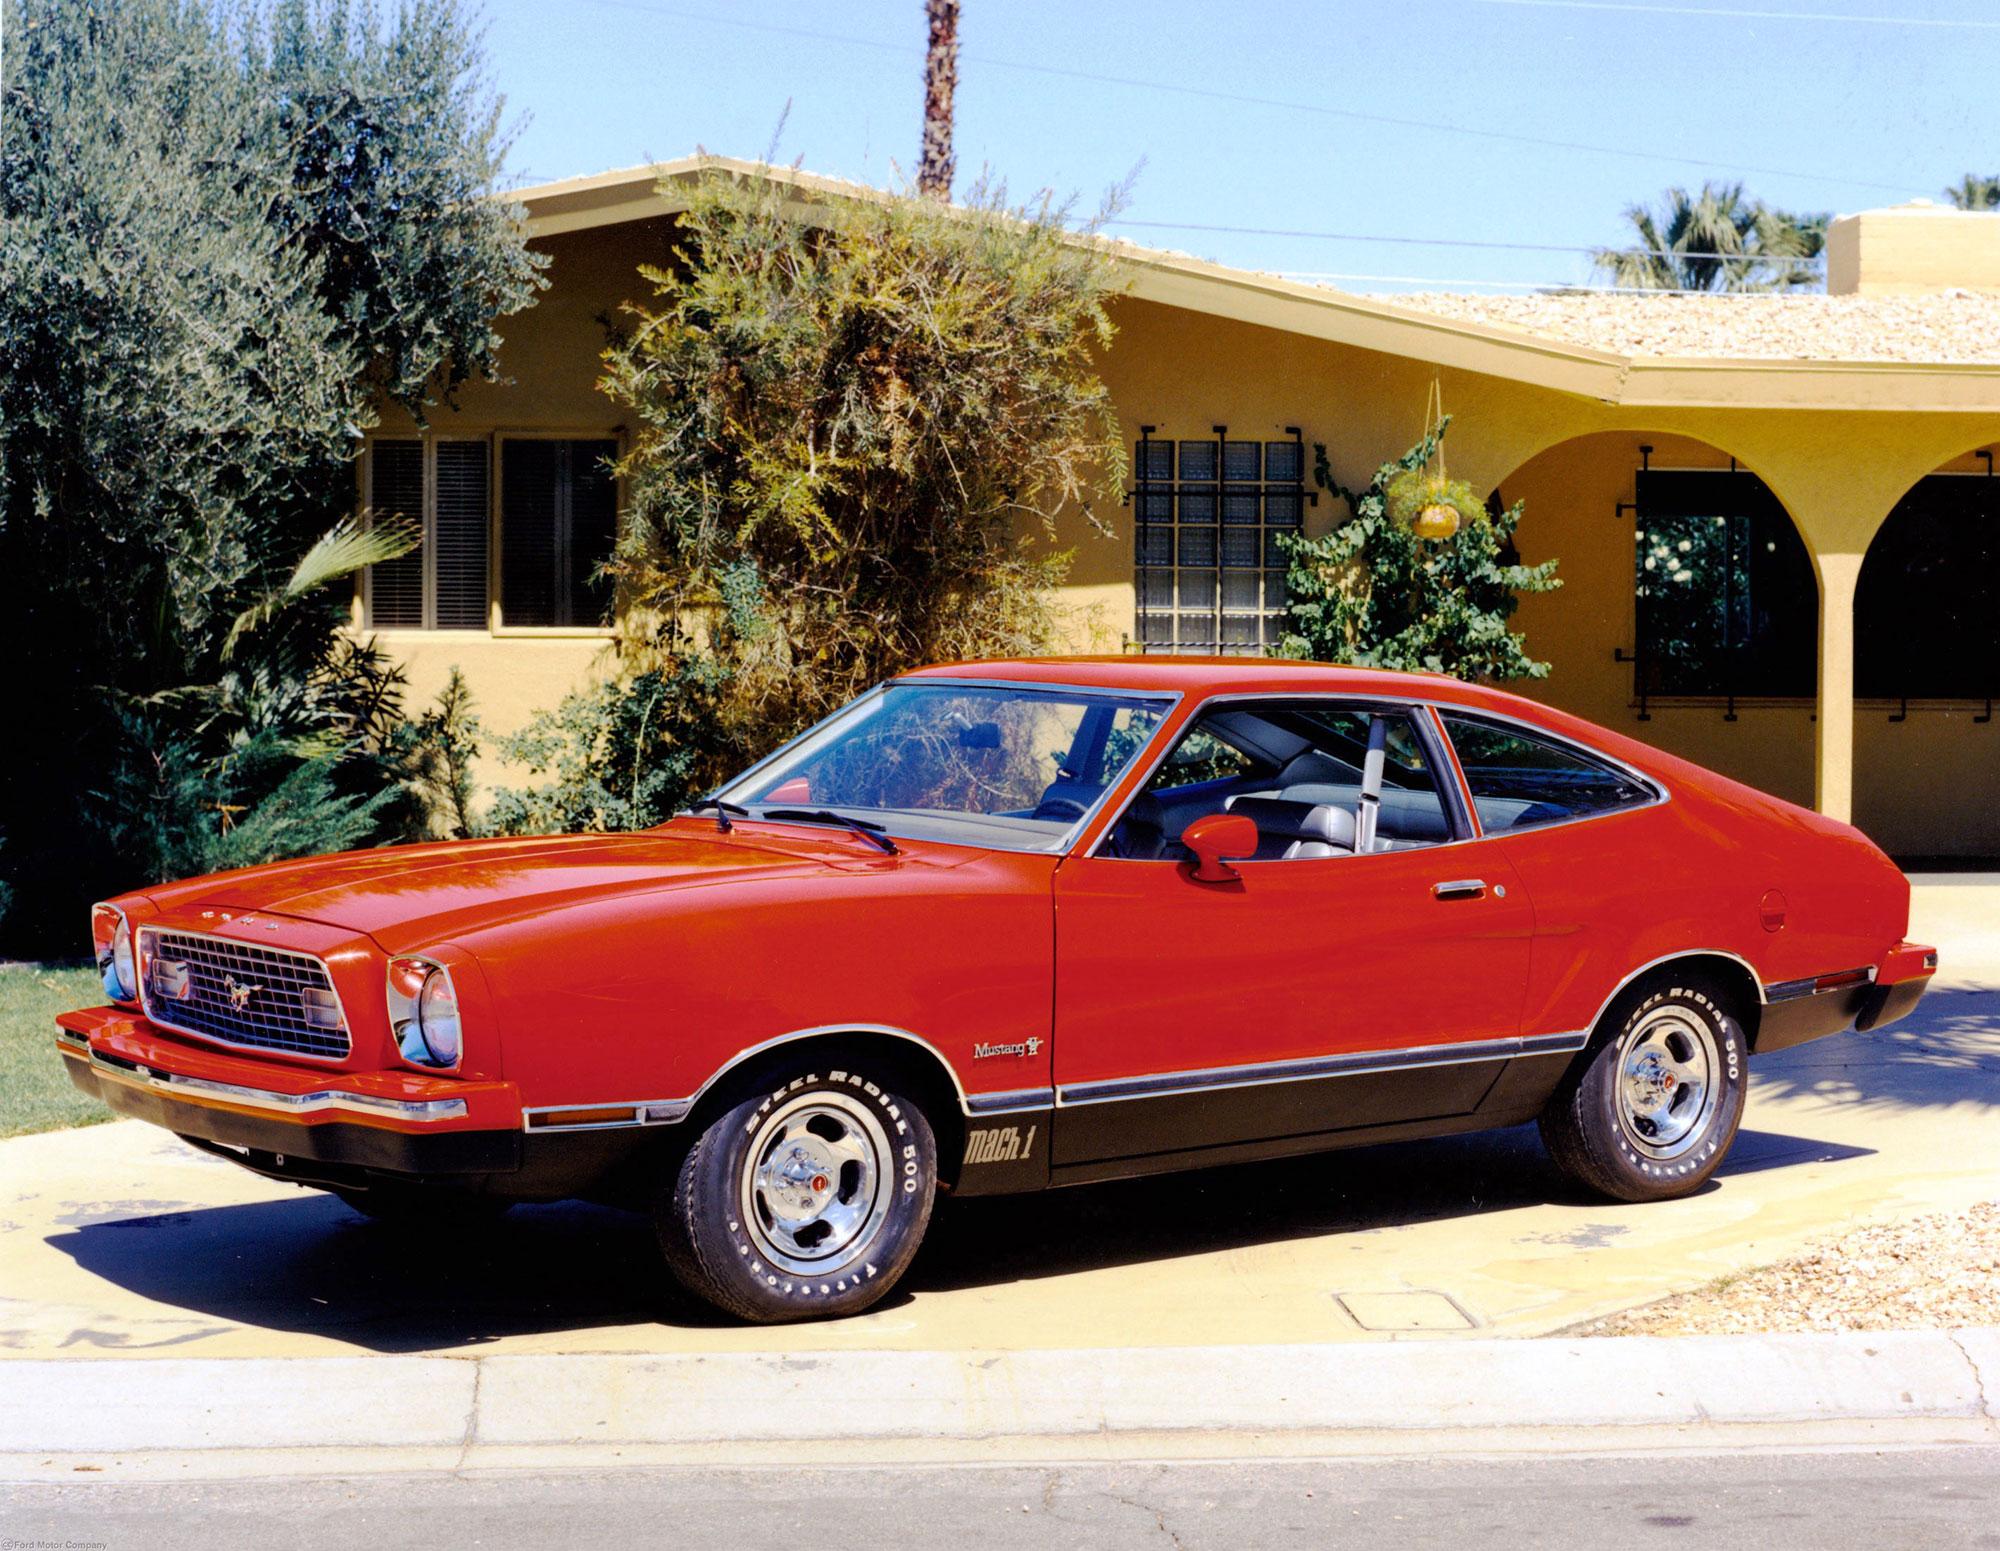 1973 Mustang II Mach 1